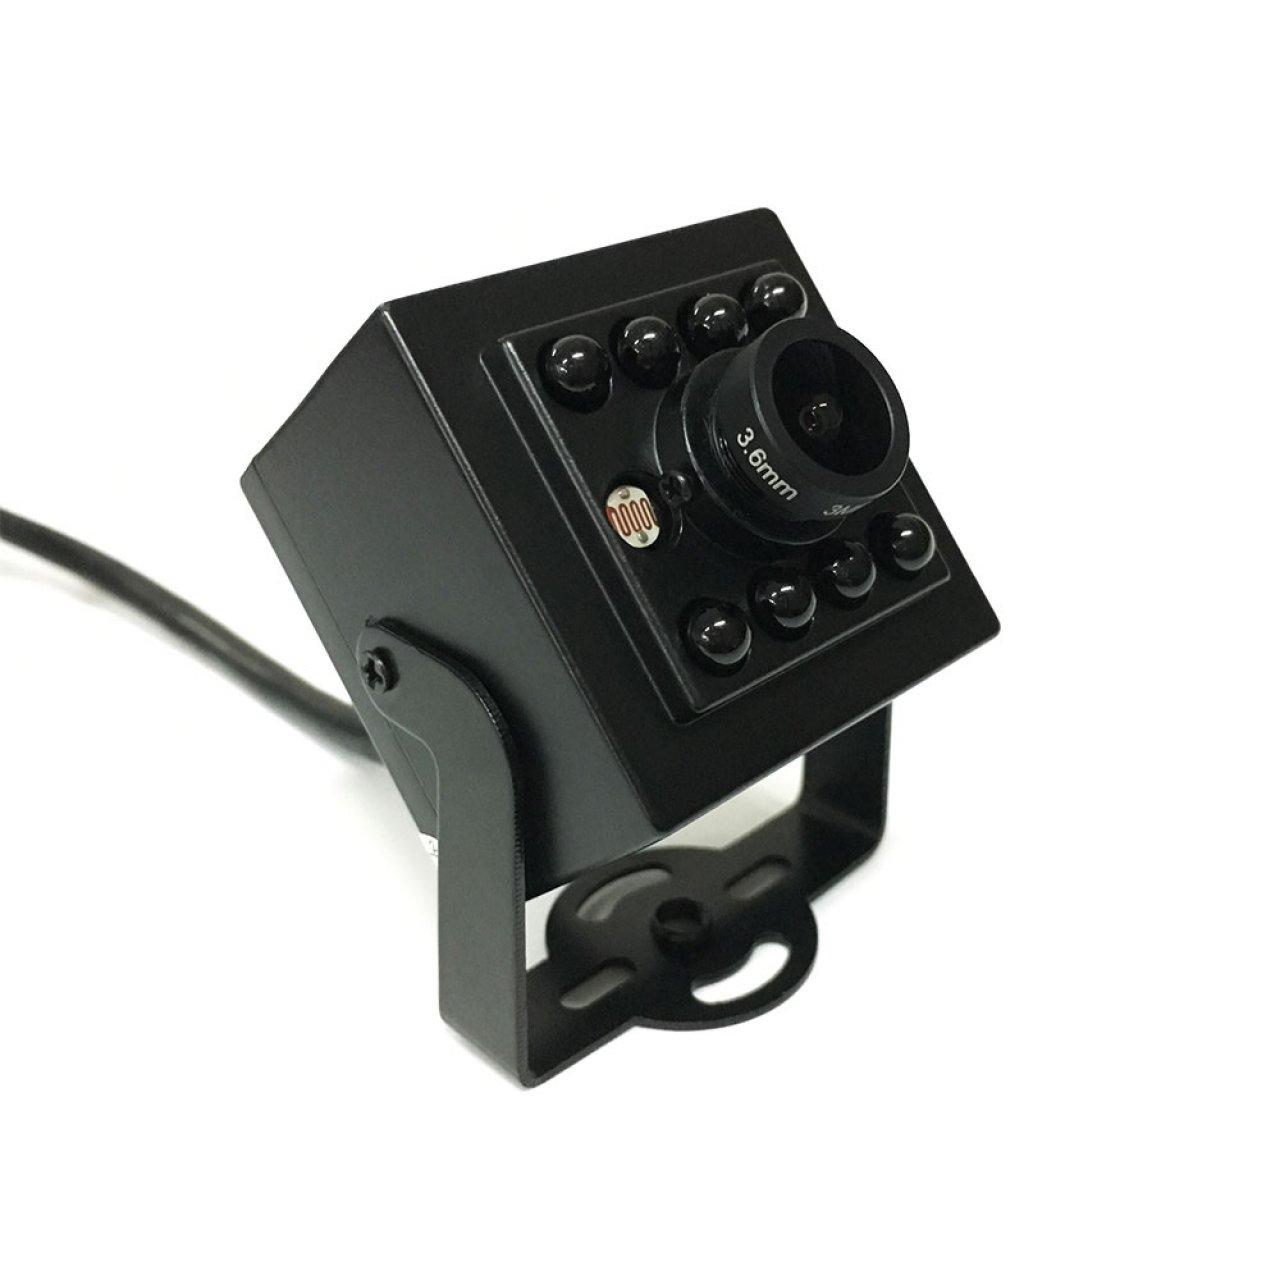 mini wlan berwachungskamera mit nachtsicht hoher aufl sung und fernzugriff mini kamera. Black Bedroom Furniture Sets. Home Design Ideas